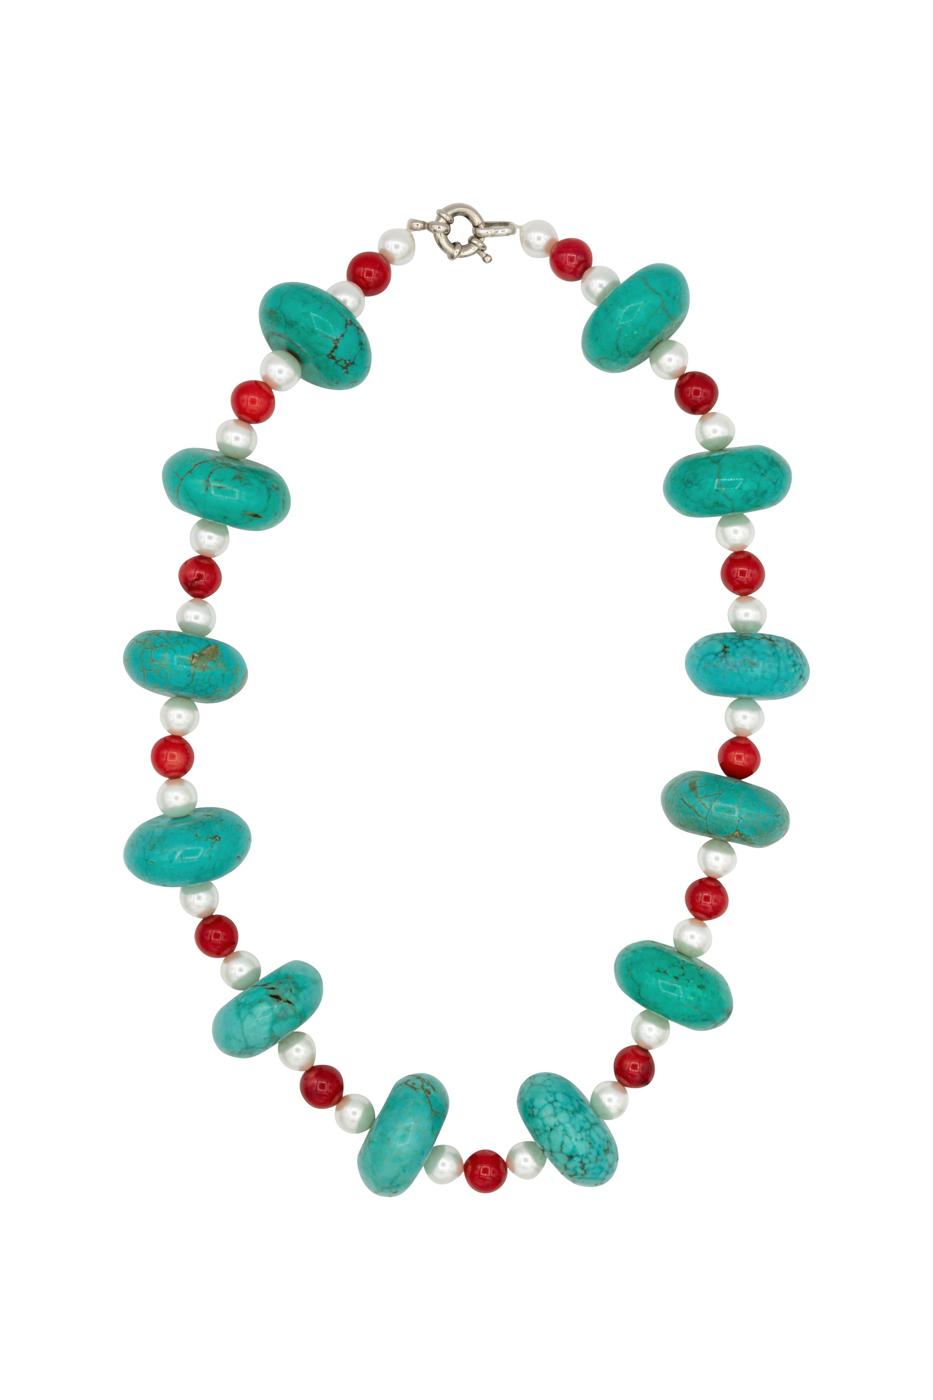 Collar turquesa, coral y perlas